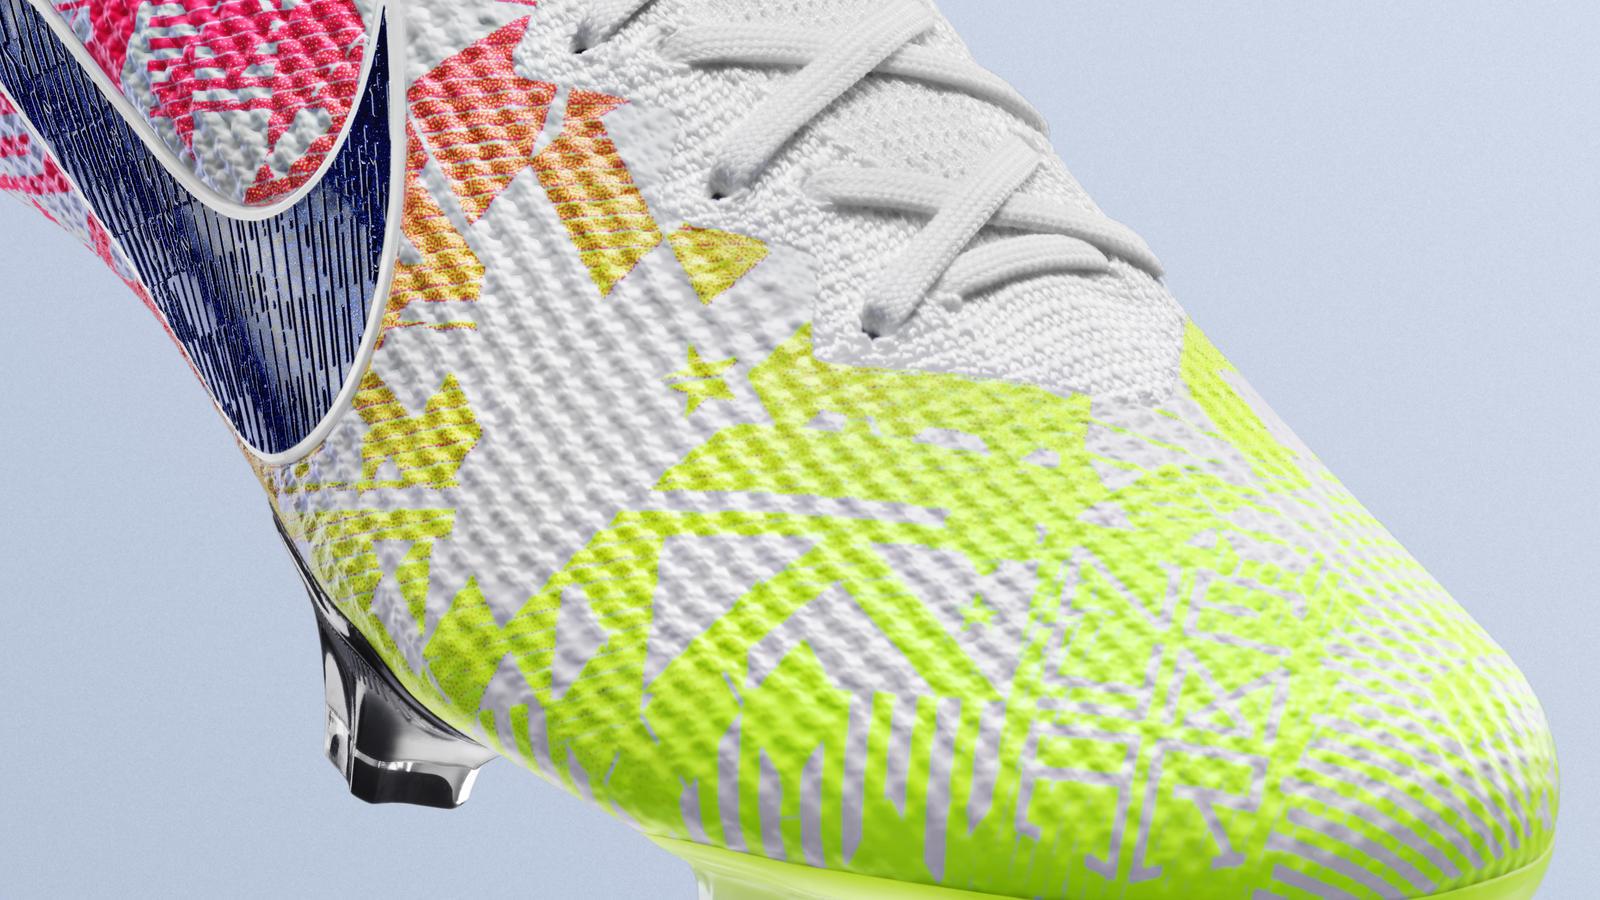 Nike Neymar Jr. Mercurial Vapor Jogo Prismático 2